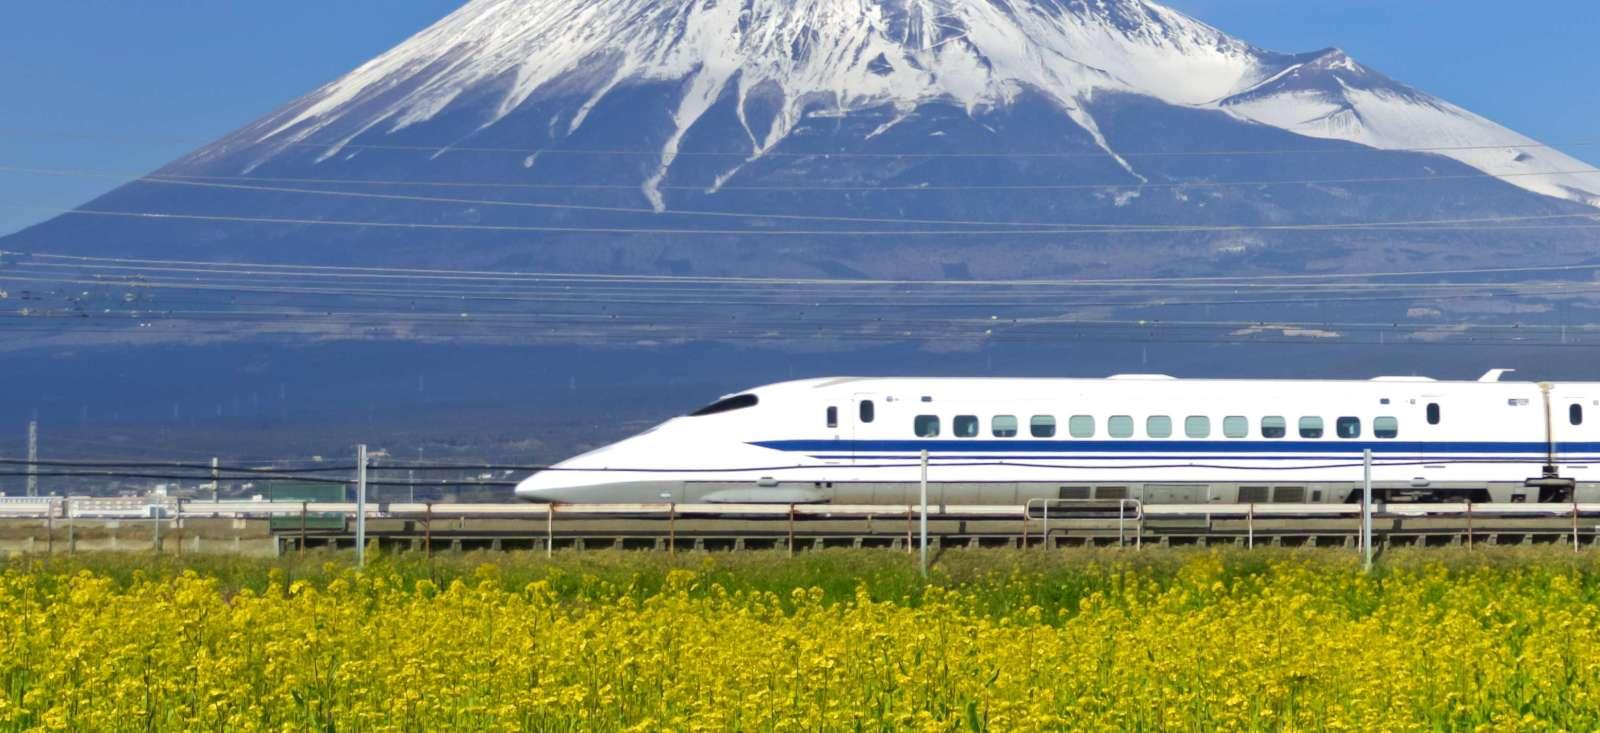 Voyage à pied : Mont Fuji, Mont Koya, Mon amour